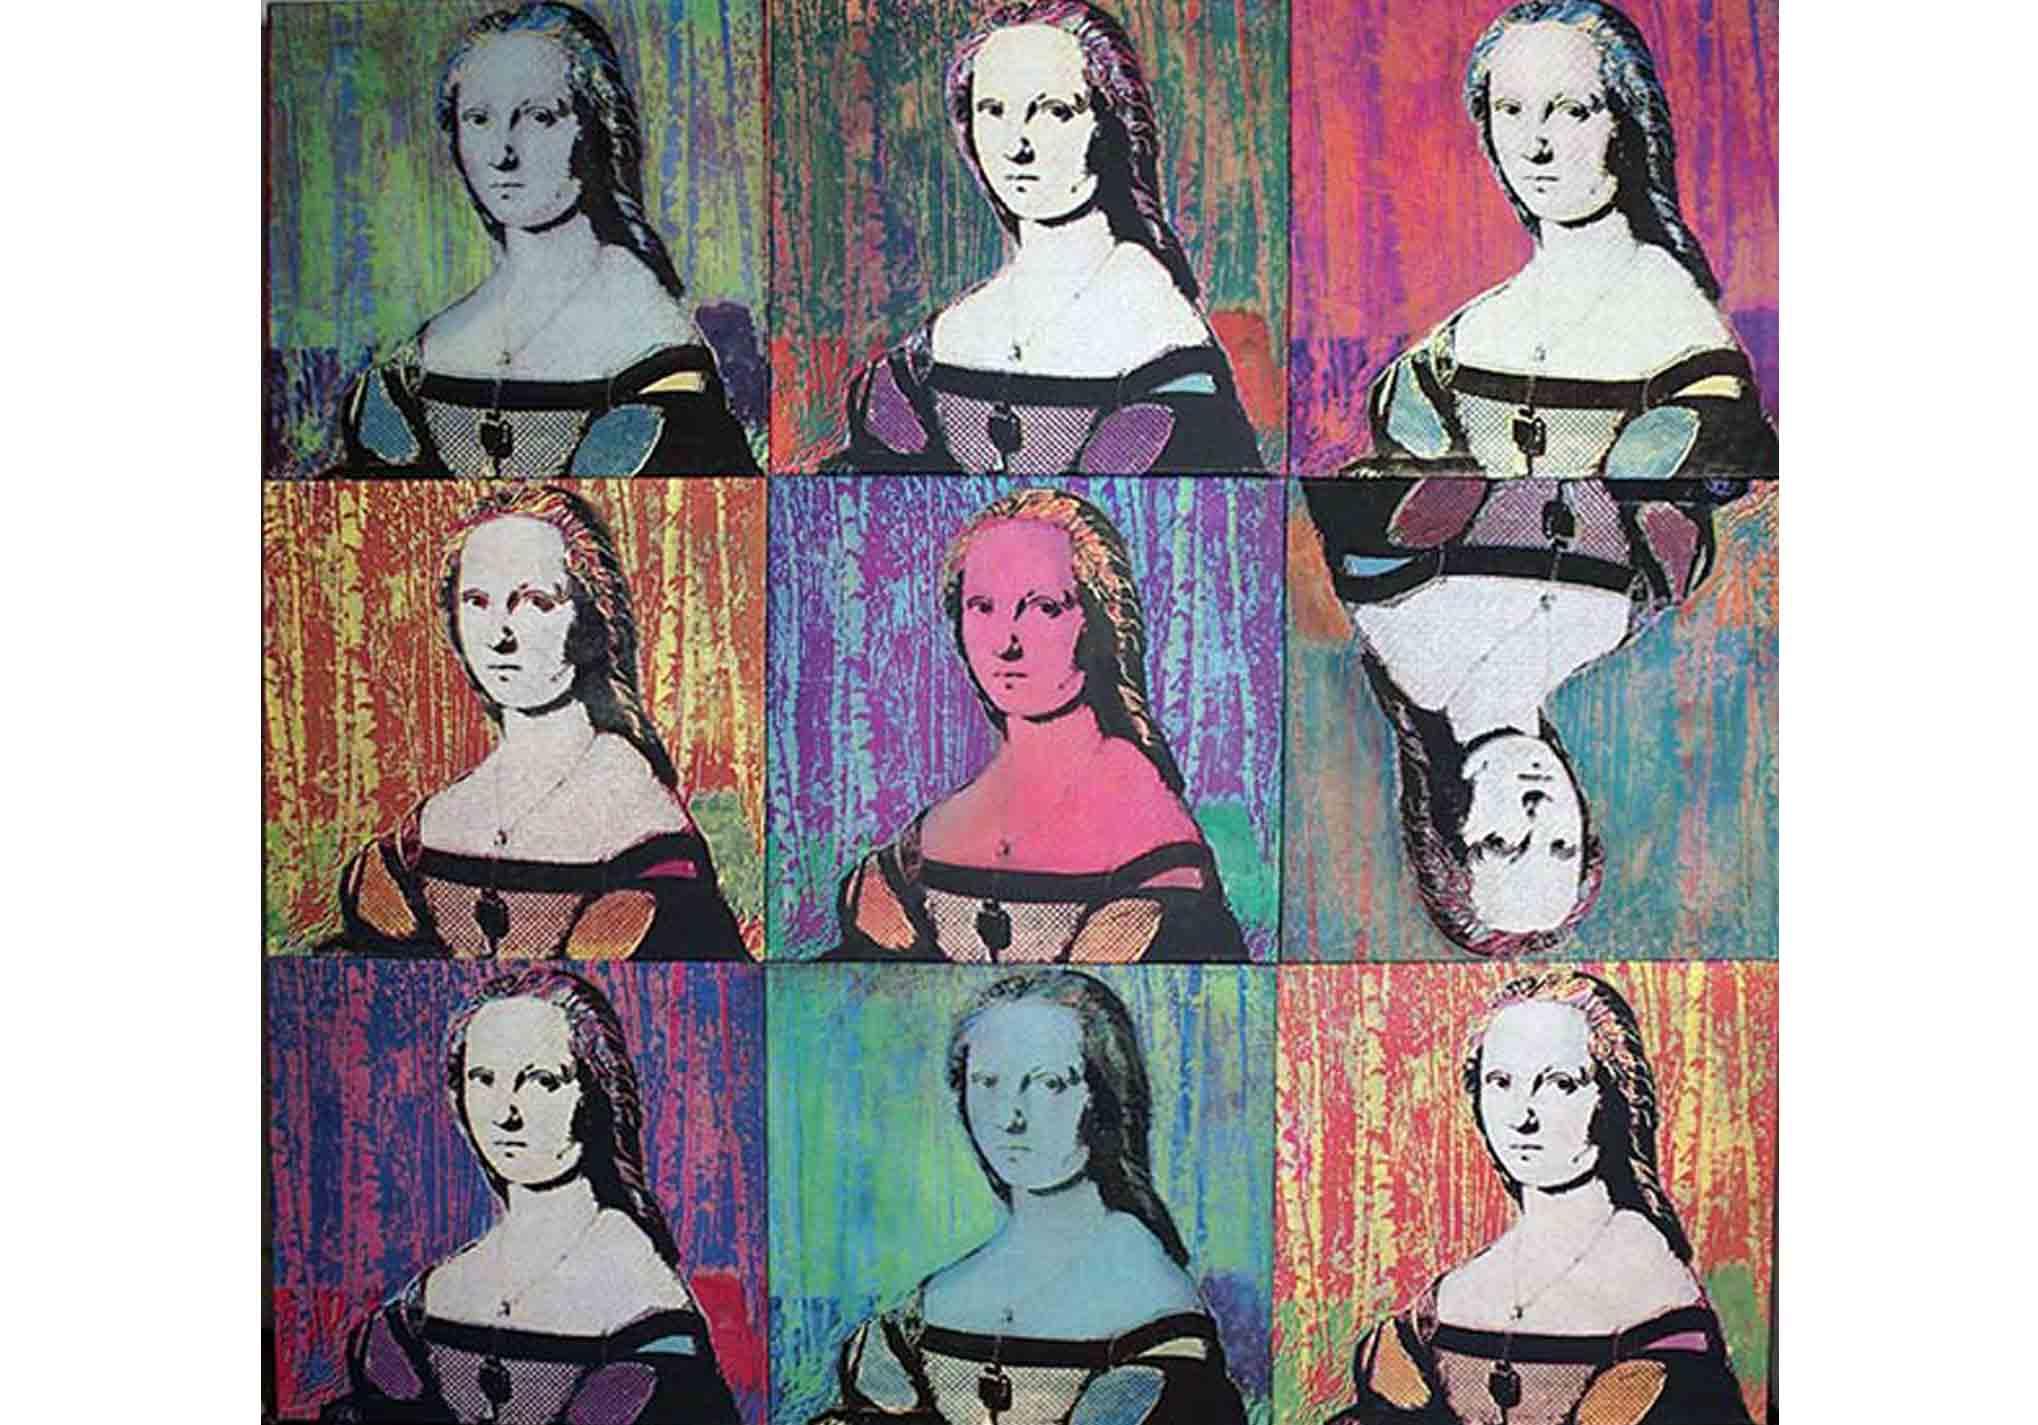 Ann-Kristin-Fleischhauer-Madonna-3-Mt-Galerie